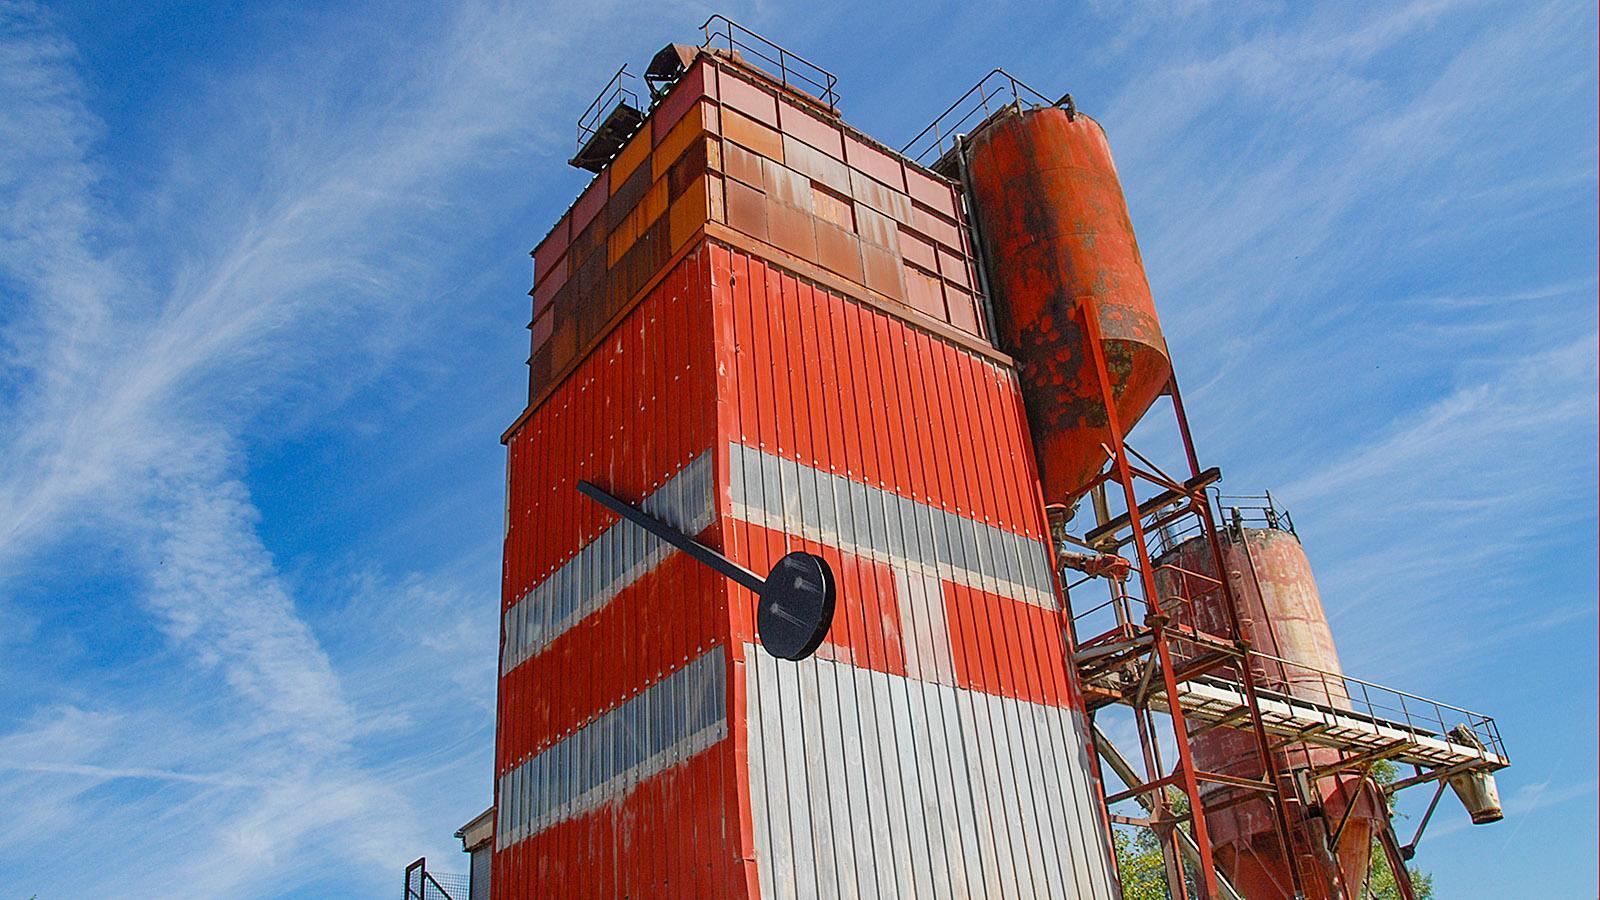 """TrentemoultL die Kunstinstallation """"Le Pendule"""" von Roman Signer, errichtet anlässlich der Estuaire 2009. Foto: Hilke Maunder"""